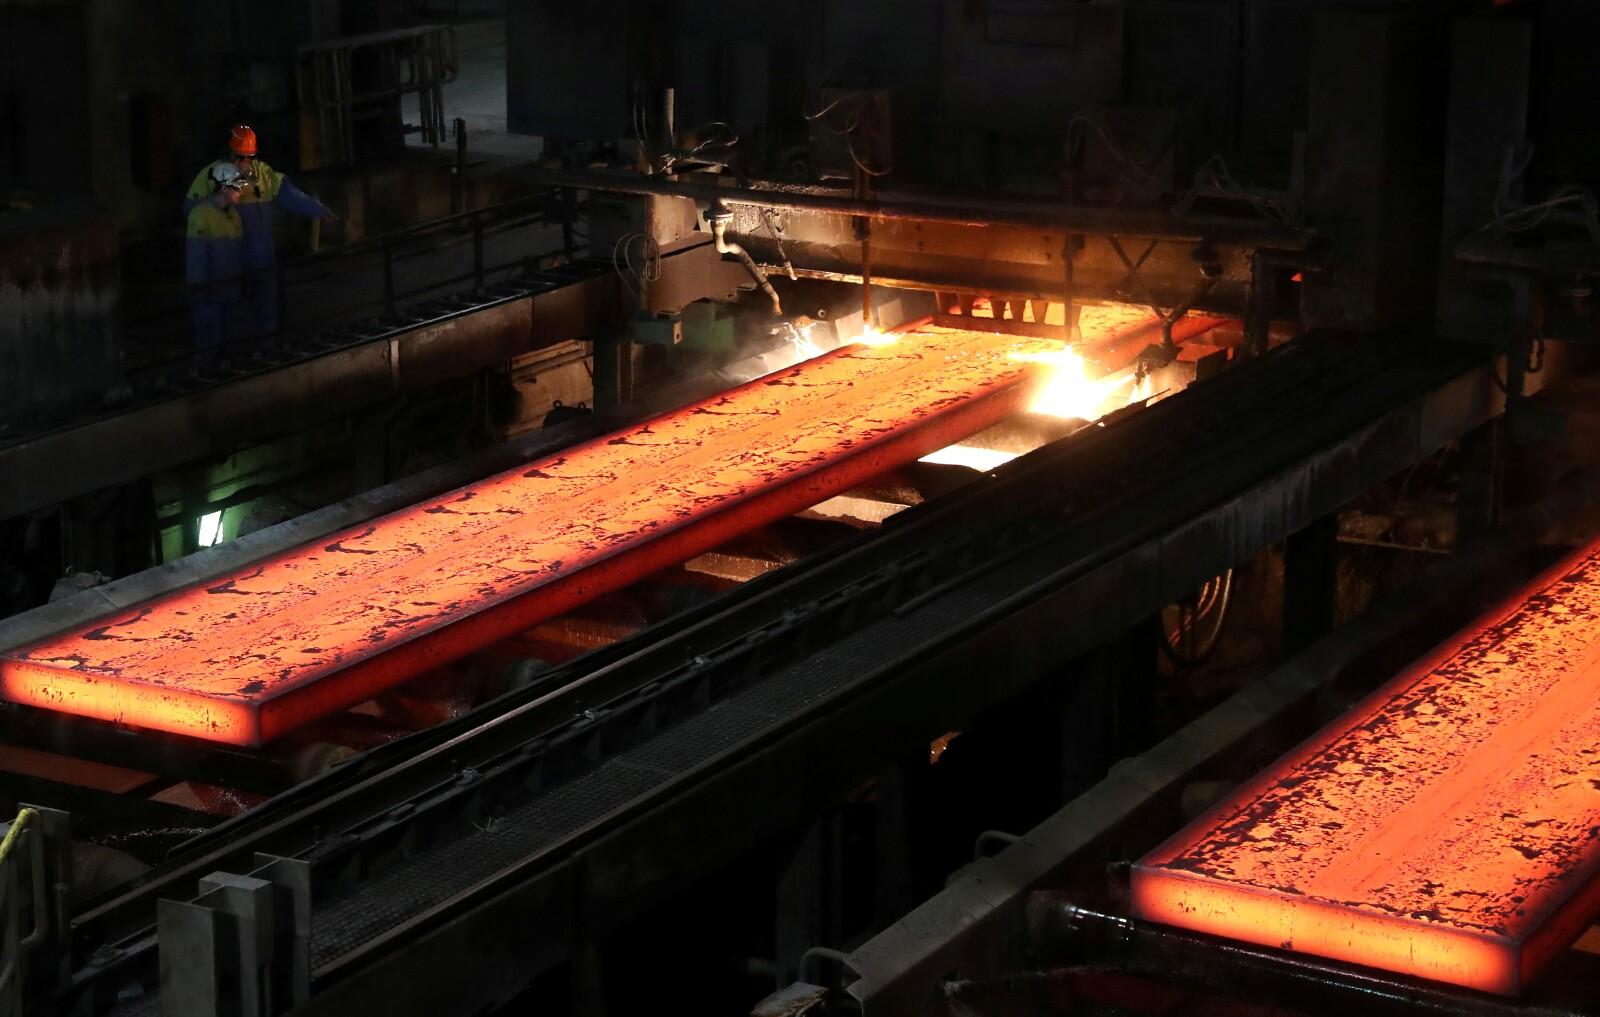 Planta de Tata steel en Ijmuiden